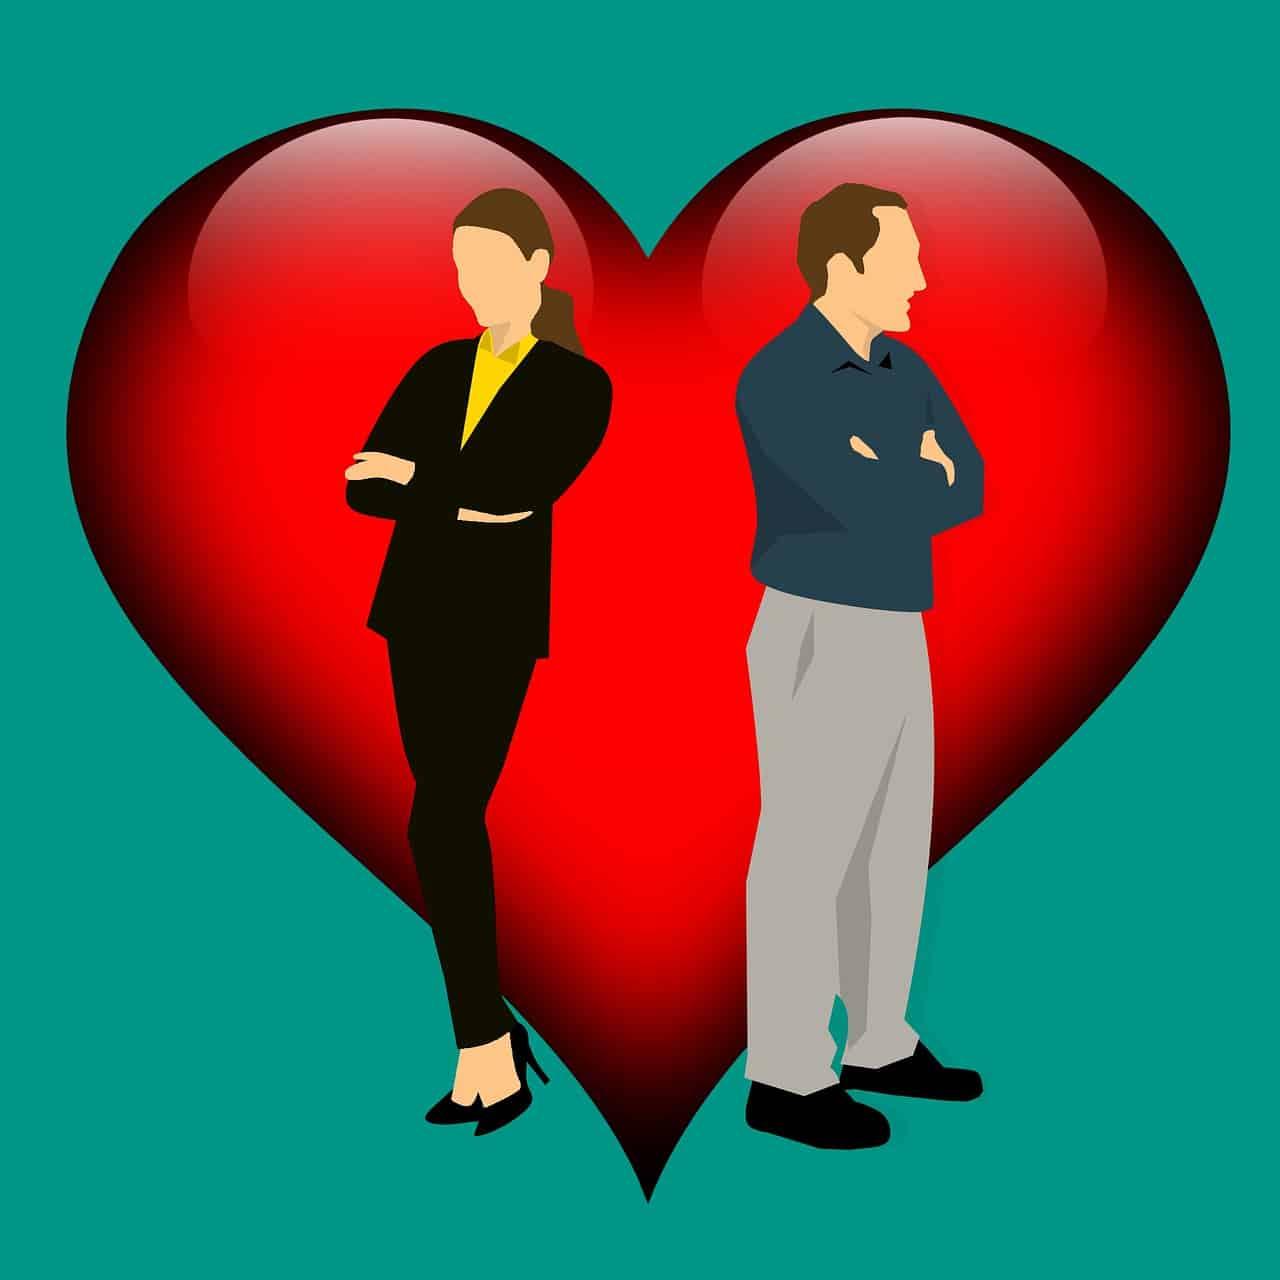 חוקר פרטי בגידות – מתי להיעזר בו ומה לעשות כשהחשש מוצדק?